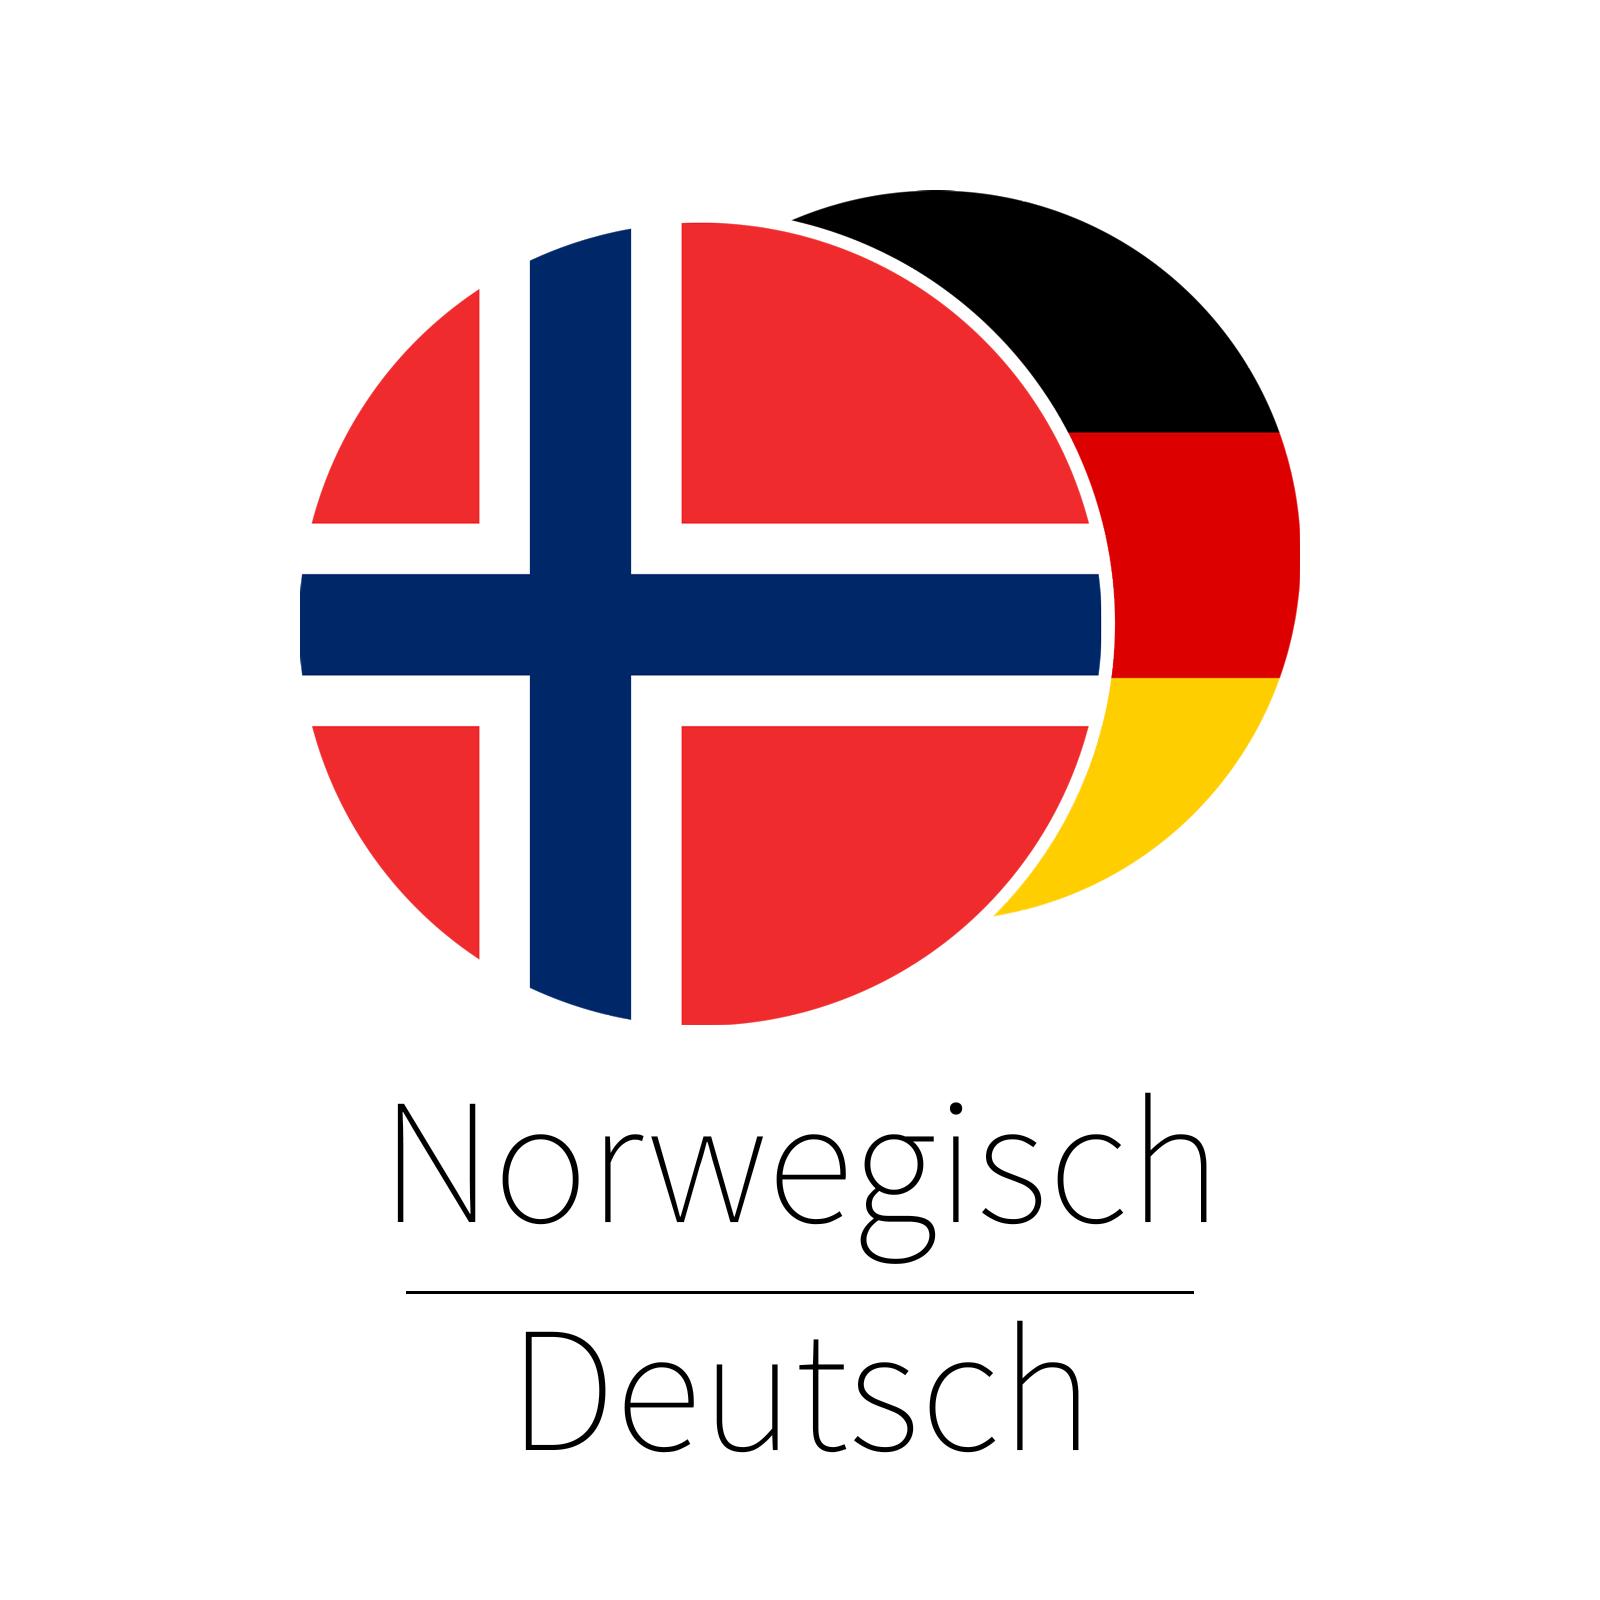 Norwegisch - Deutsch